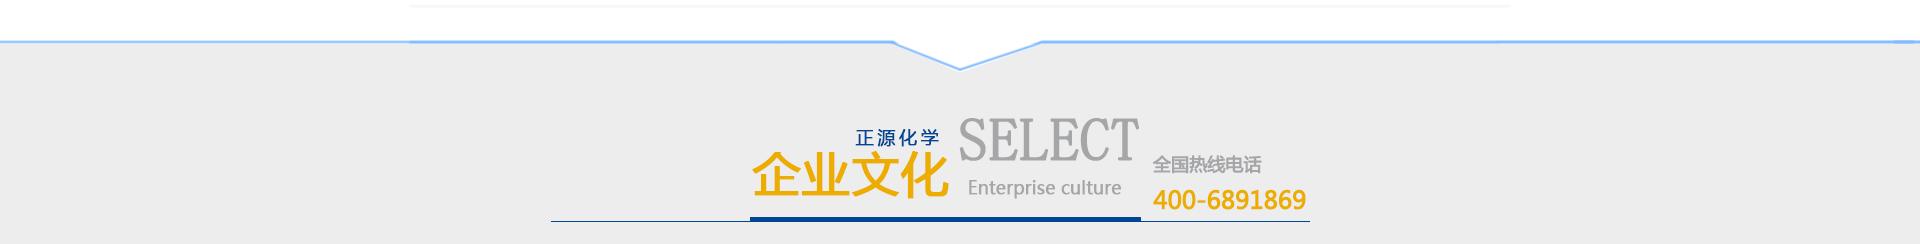 宝鸡kok电竞app下载化工企业文化